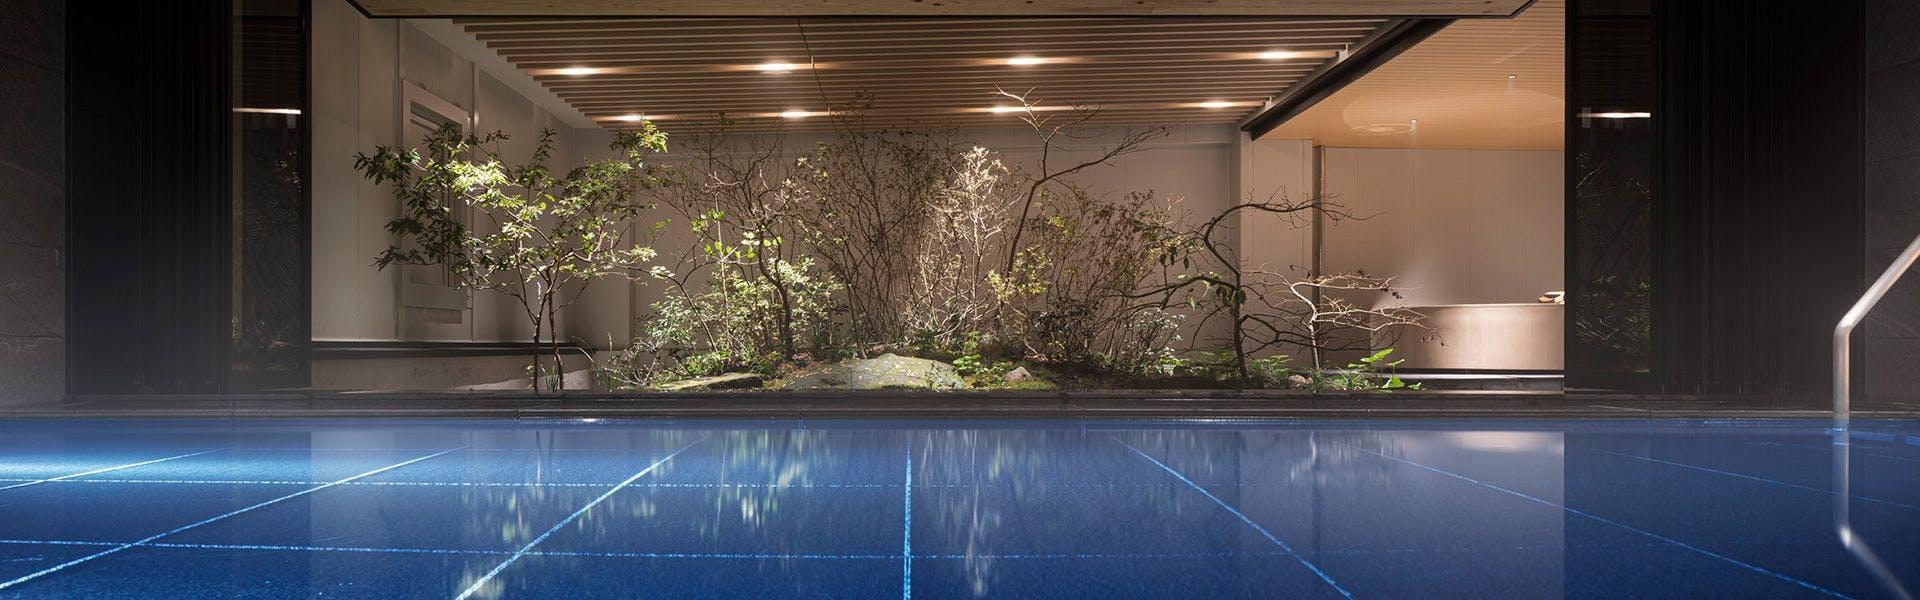 記念日におすすめのホテル・レフ熊本byベッセルホテルズの写真1